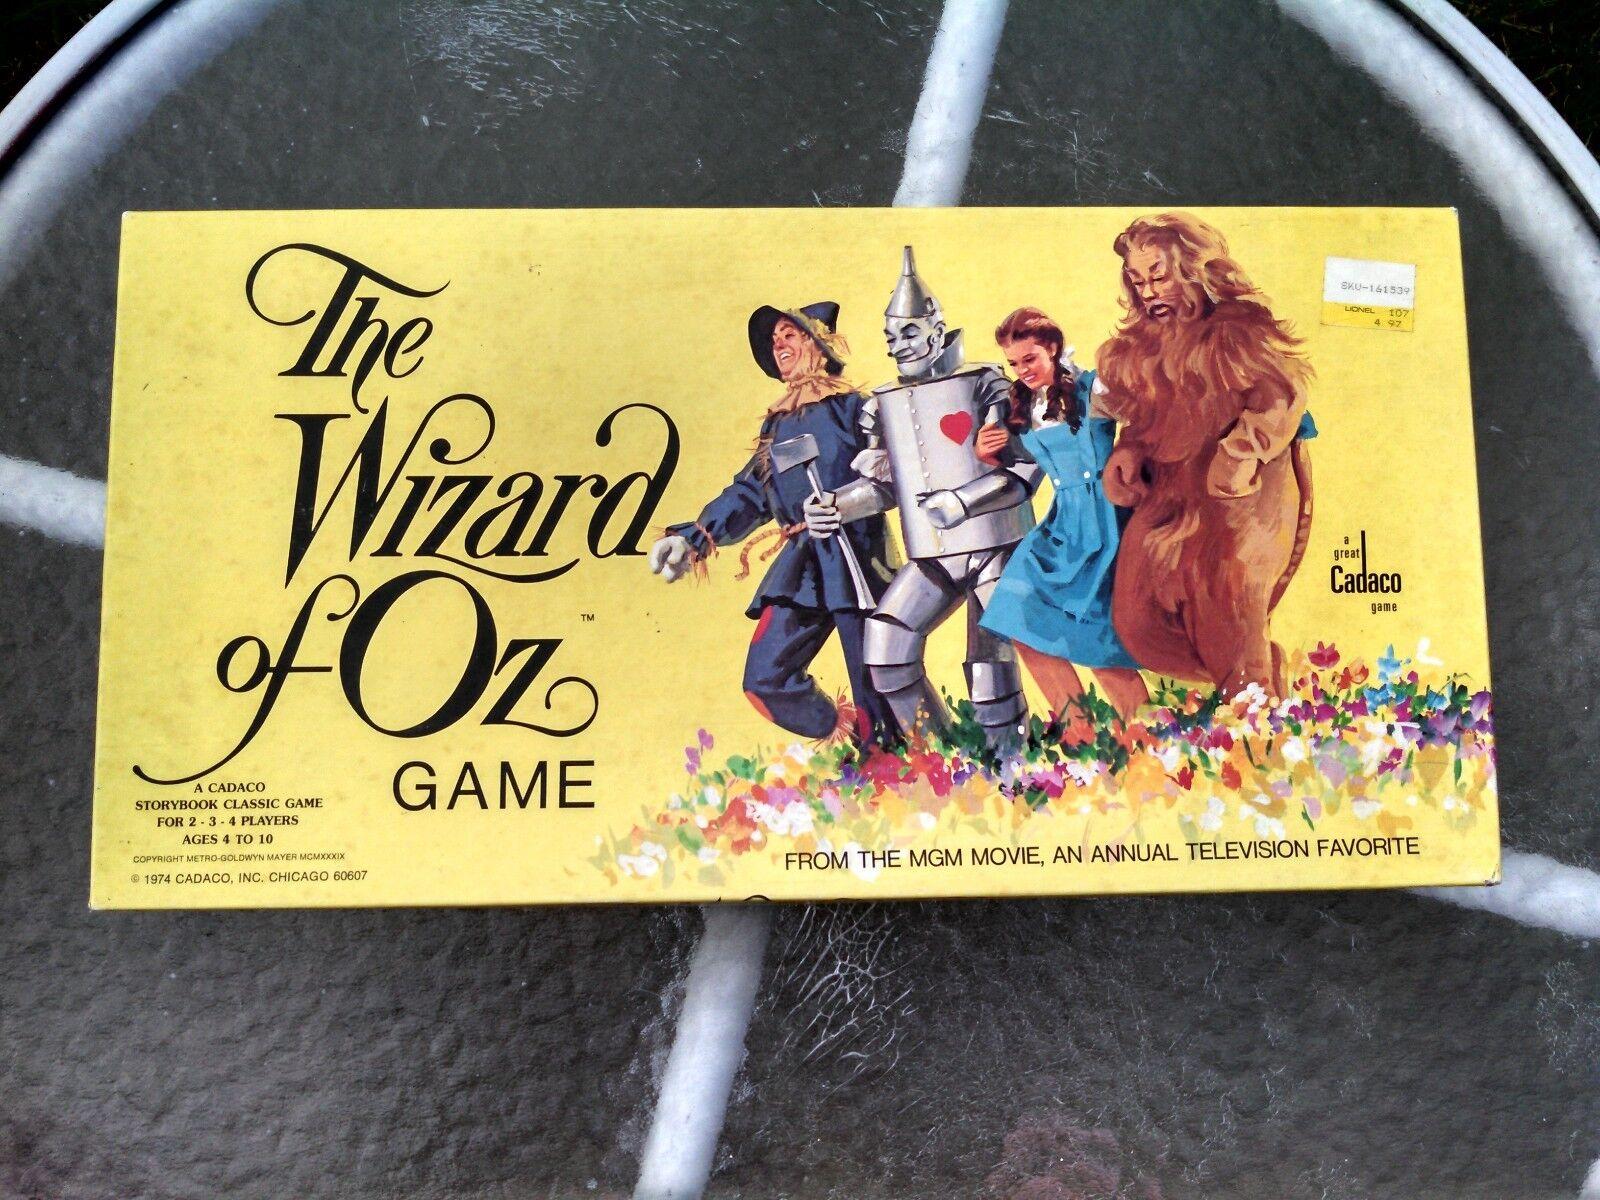 El Mago de oz cuentos Clásico Juego De Mesa 1974 Cadaco Inc Sellado Nuevo en Paquete